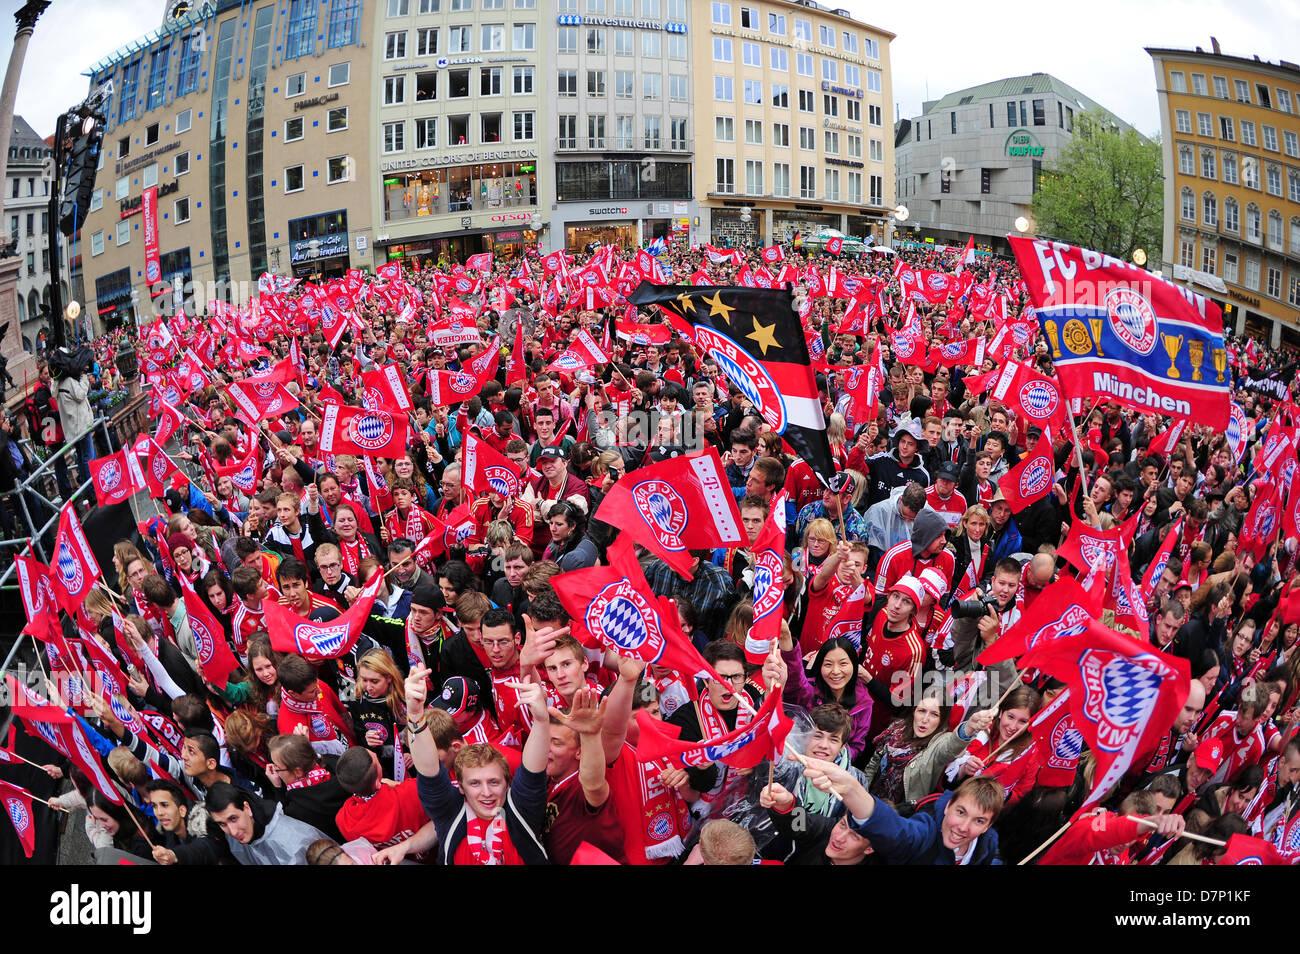 Zahlreiche Fans des FC Bayern München feiern am 11.05.2013 in München (Bayern) vor dem Rathausbalkon. - Stock Image